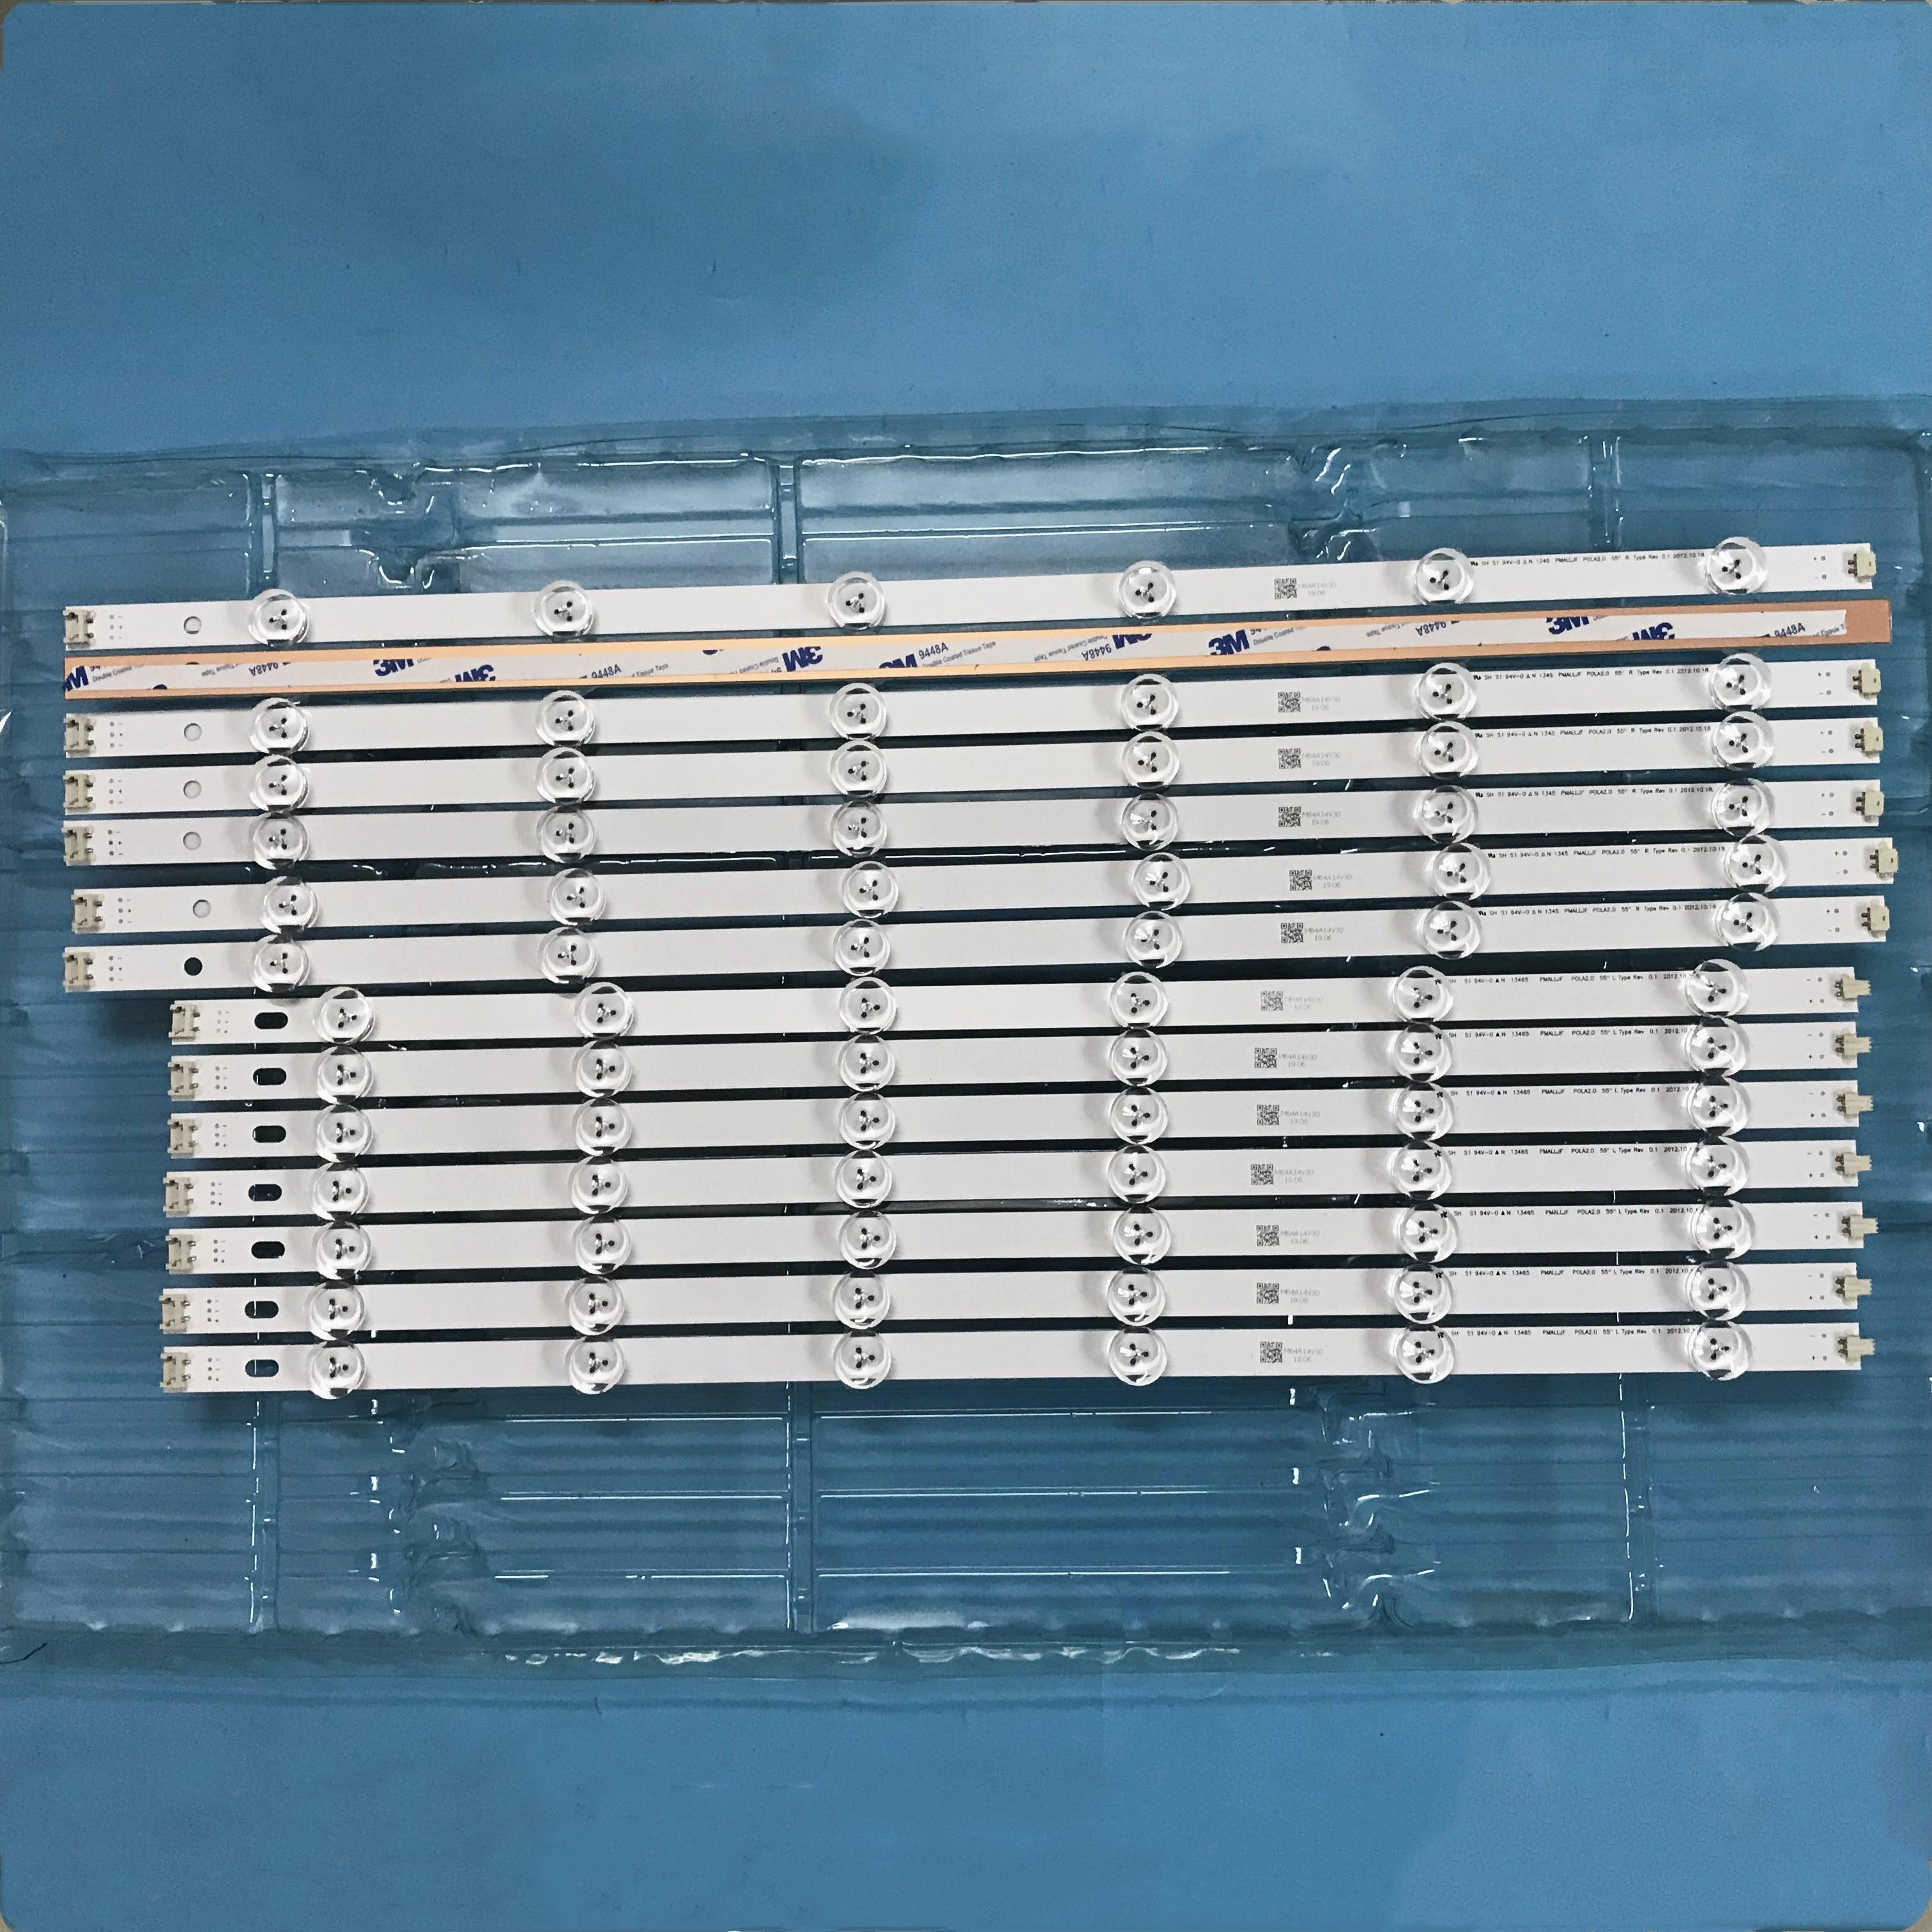 LED Backlight Lamp strip 12leds For LG 55 TV 55LN5700 LN54M550060V12 INNOTEK POLA2 0 55 Innotek